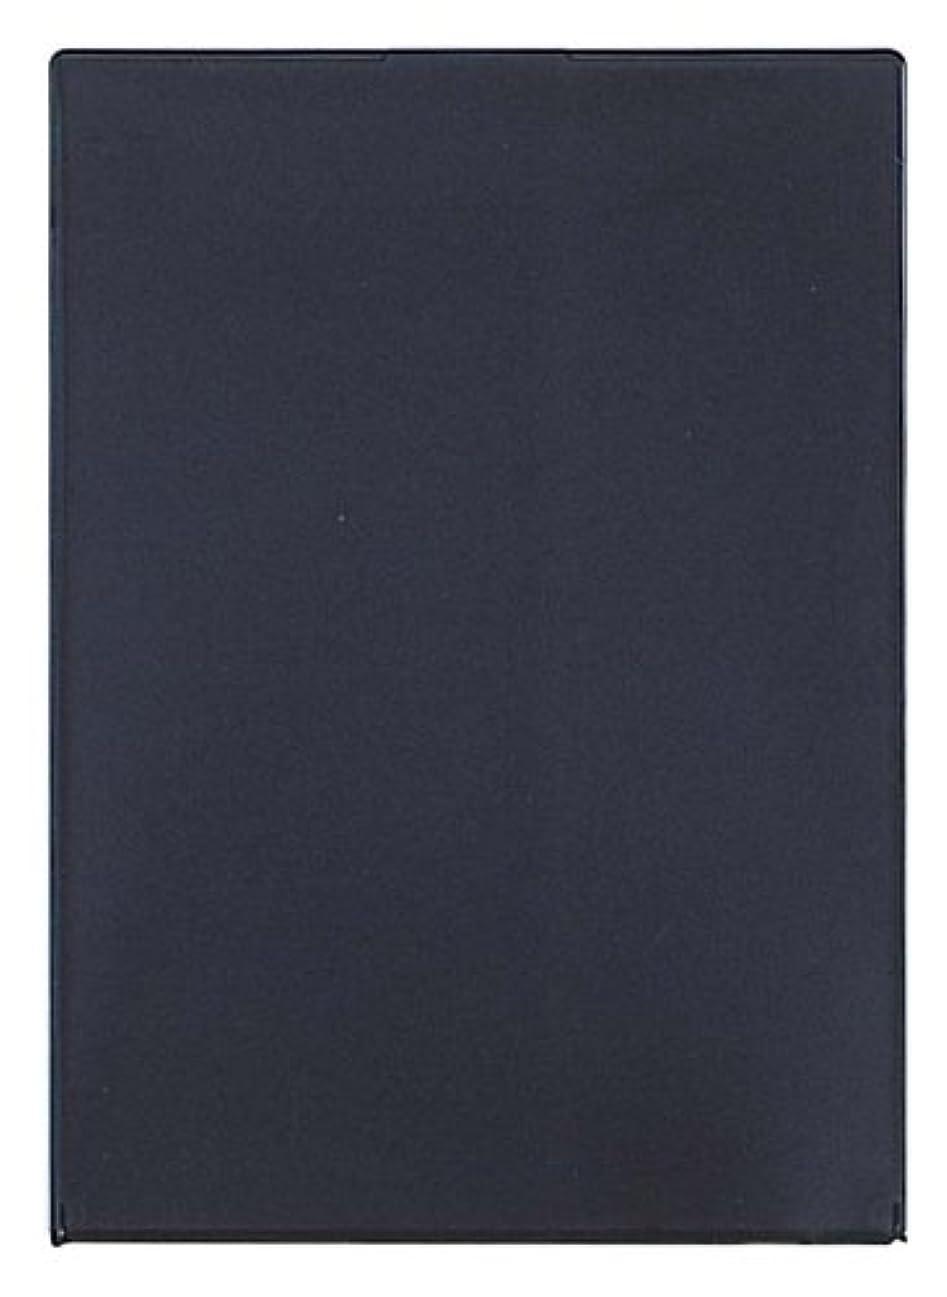 毎月最も遠いマーティンルーサーキングジュニアビブレ角型コンパクトミラーLL ブラック Y-1207